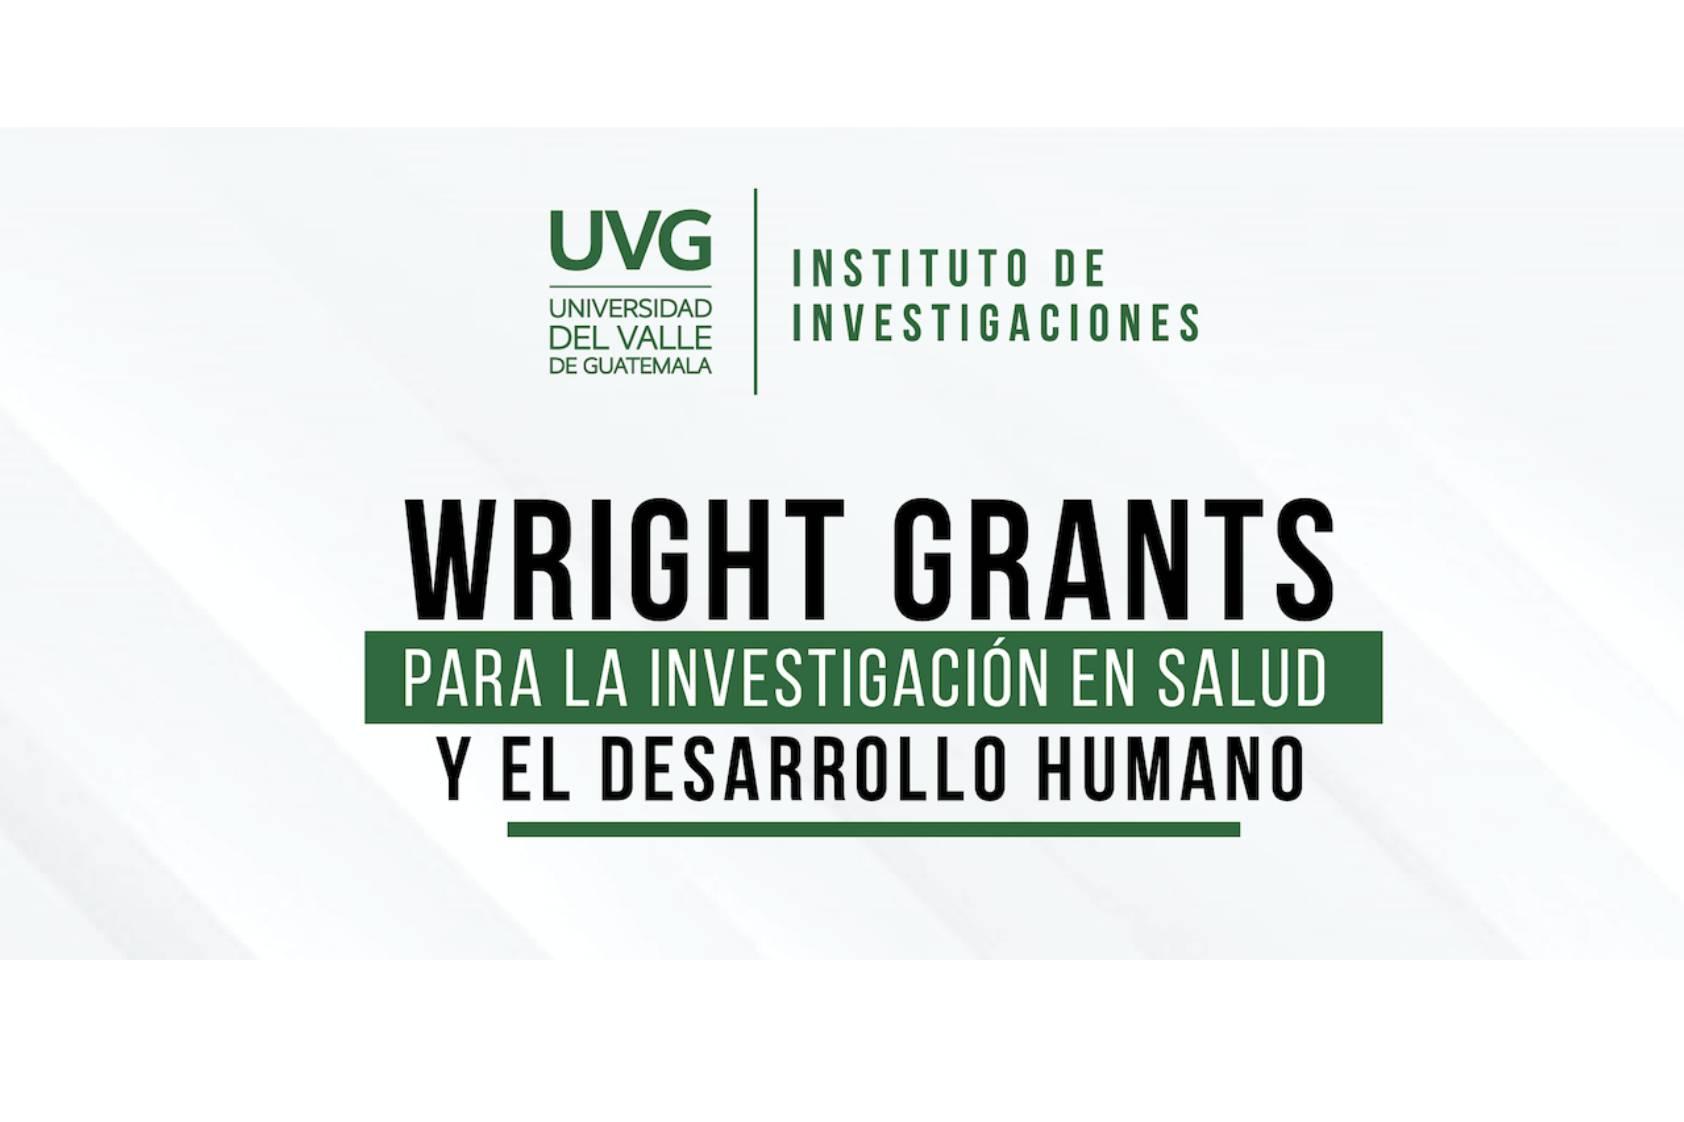 Dos estudiantes ofrecerán soluciones en salud gracias a los Wright Grants